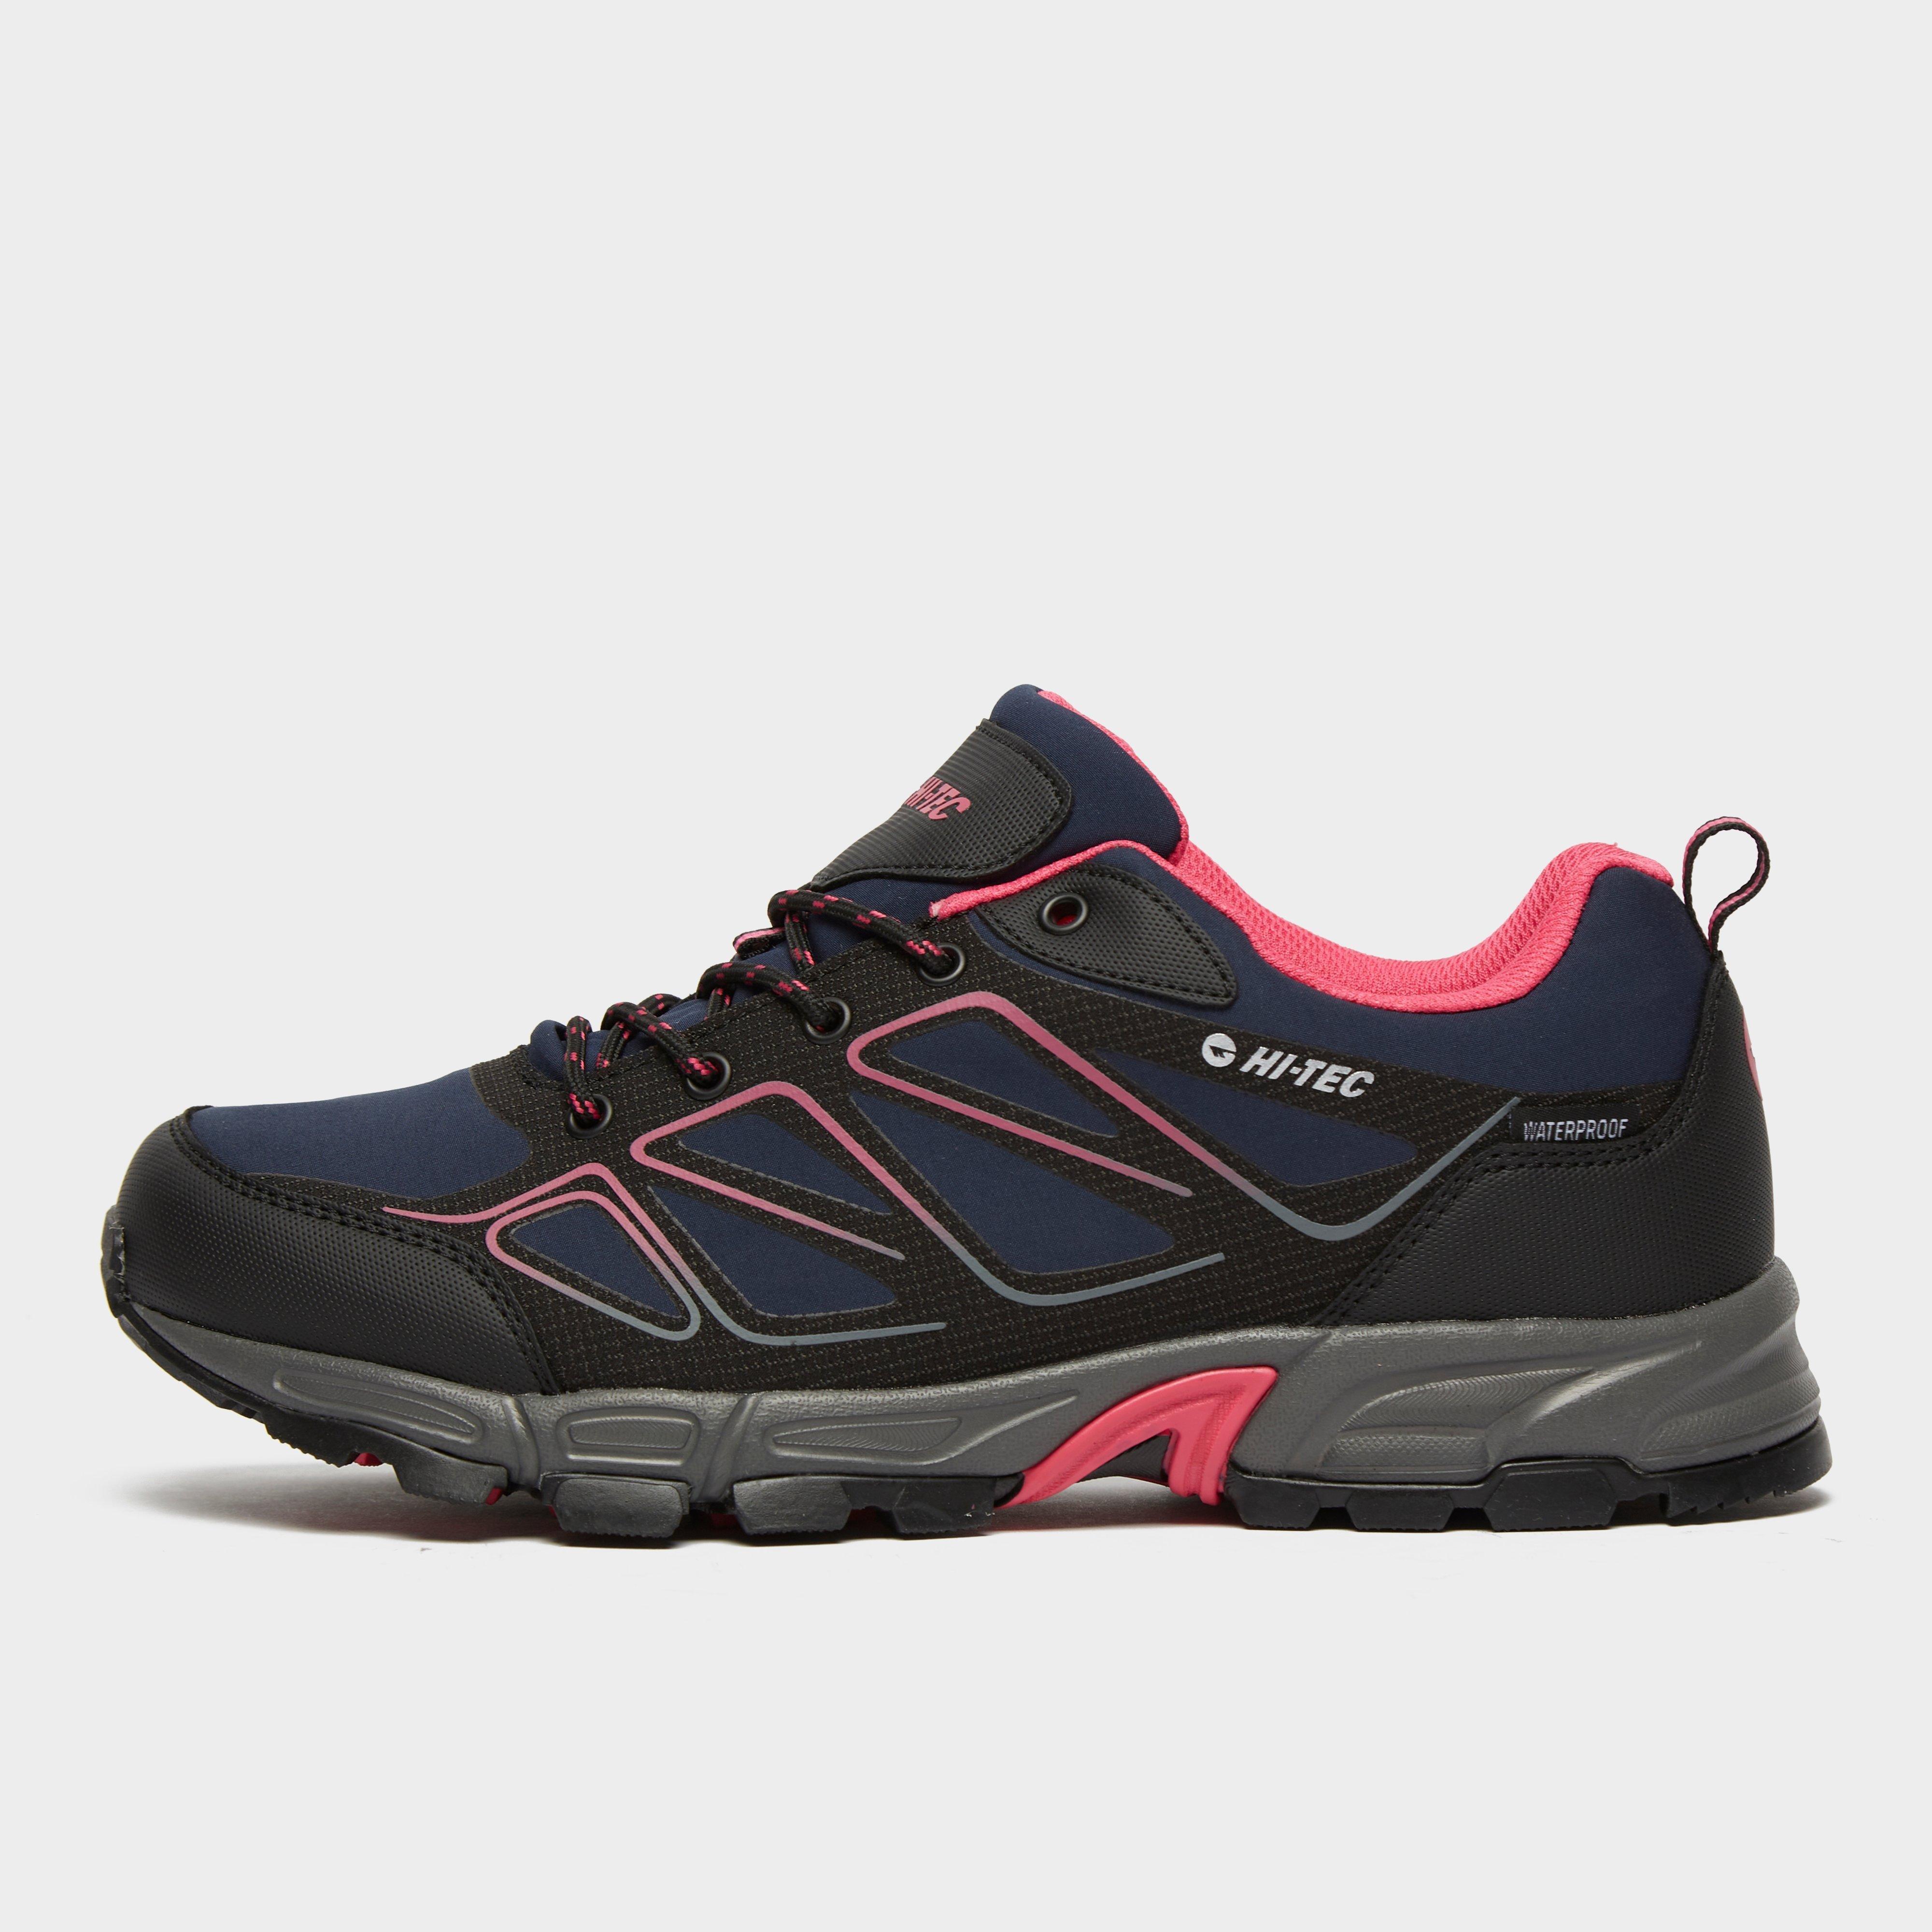 Hi Tec Women's Typhoon Waterproof Shoes - Navy/Nvy, Navy